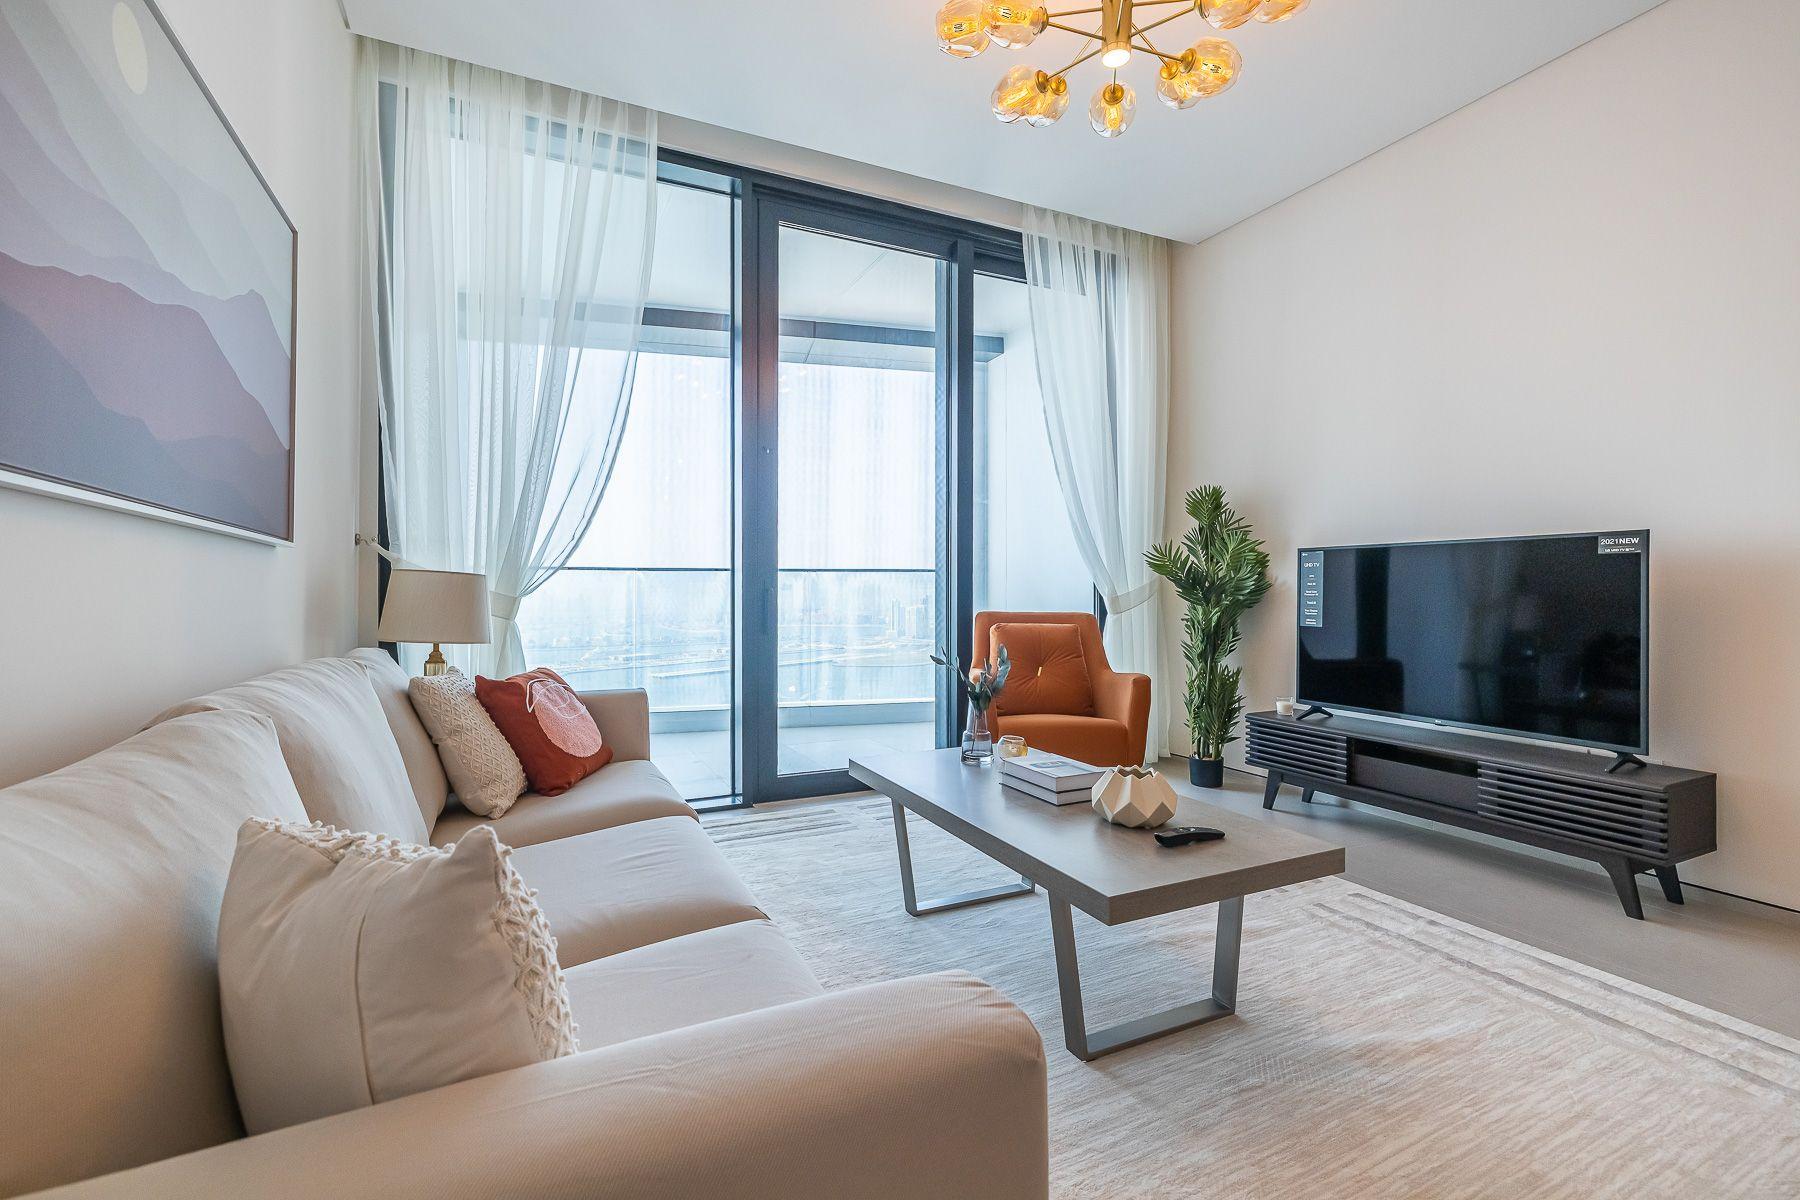 1,171 قدم مربع  شقة - للايجار - مساكن شاطئ الجميرا